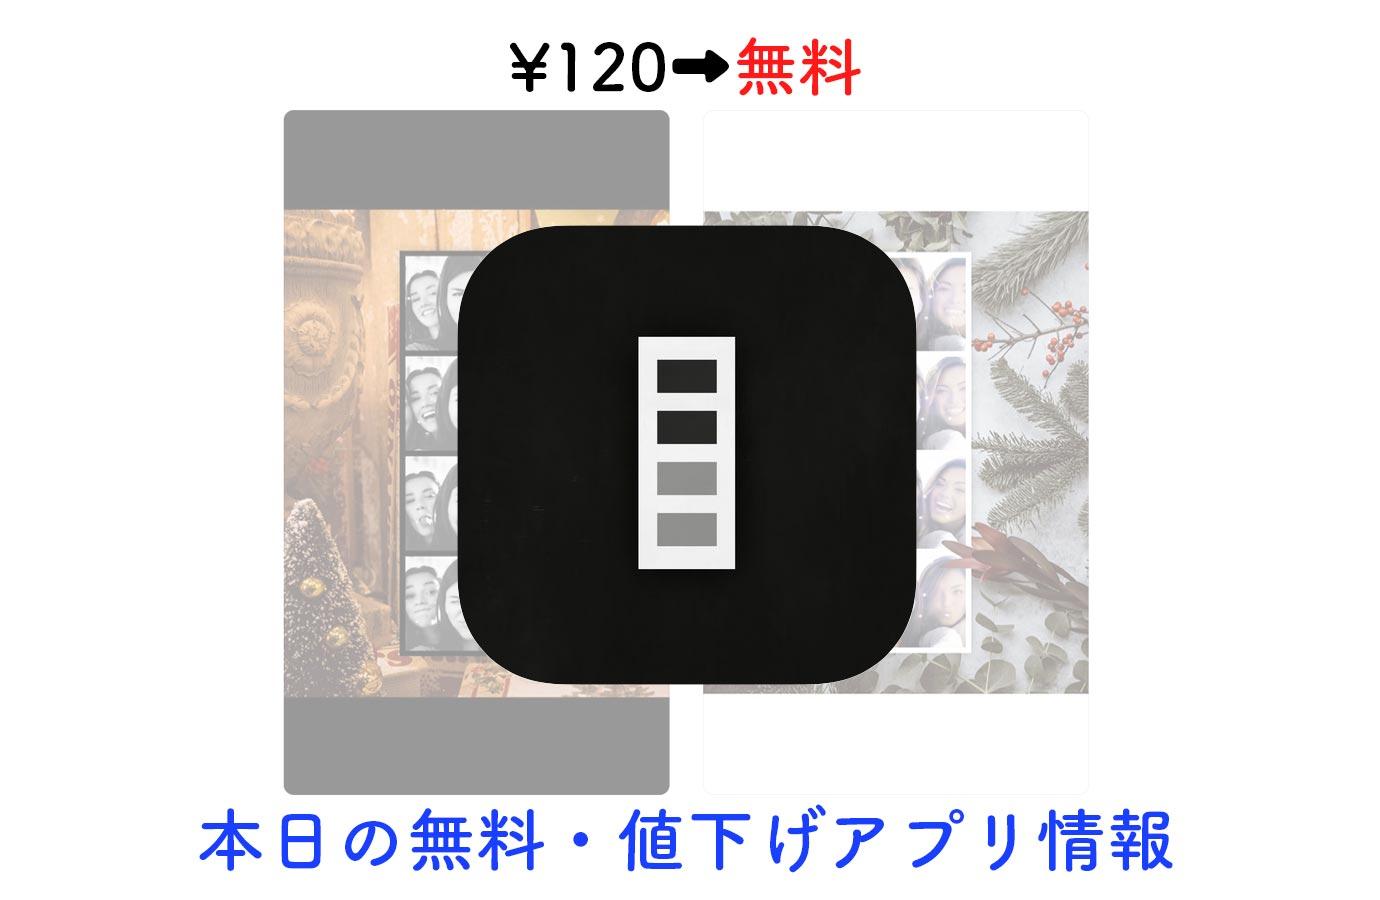 ¥120→無料、4カットの連続した写真を撮影できる「4tomatic」など【3/8】本日の無料・値下げ情報